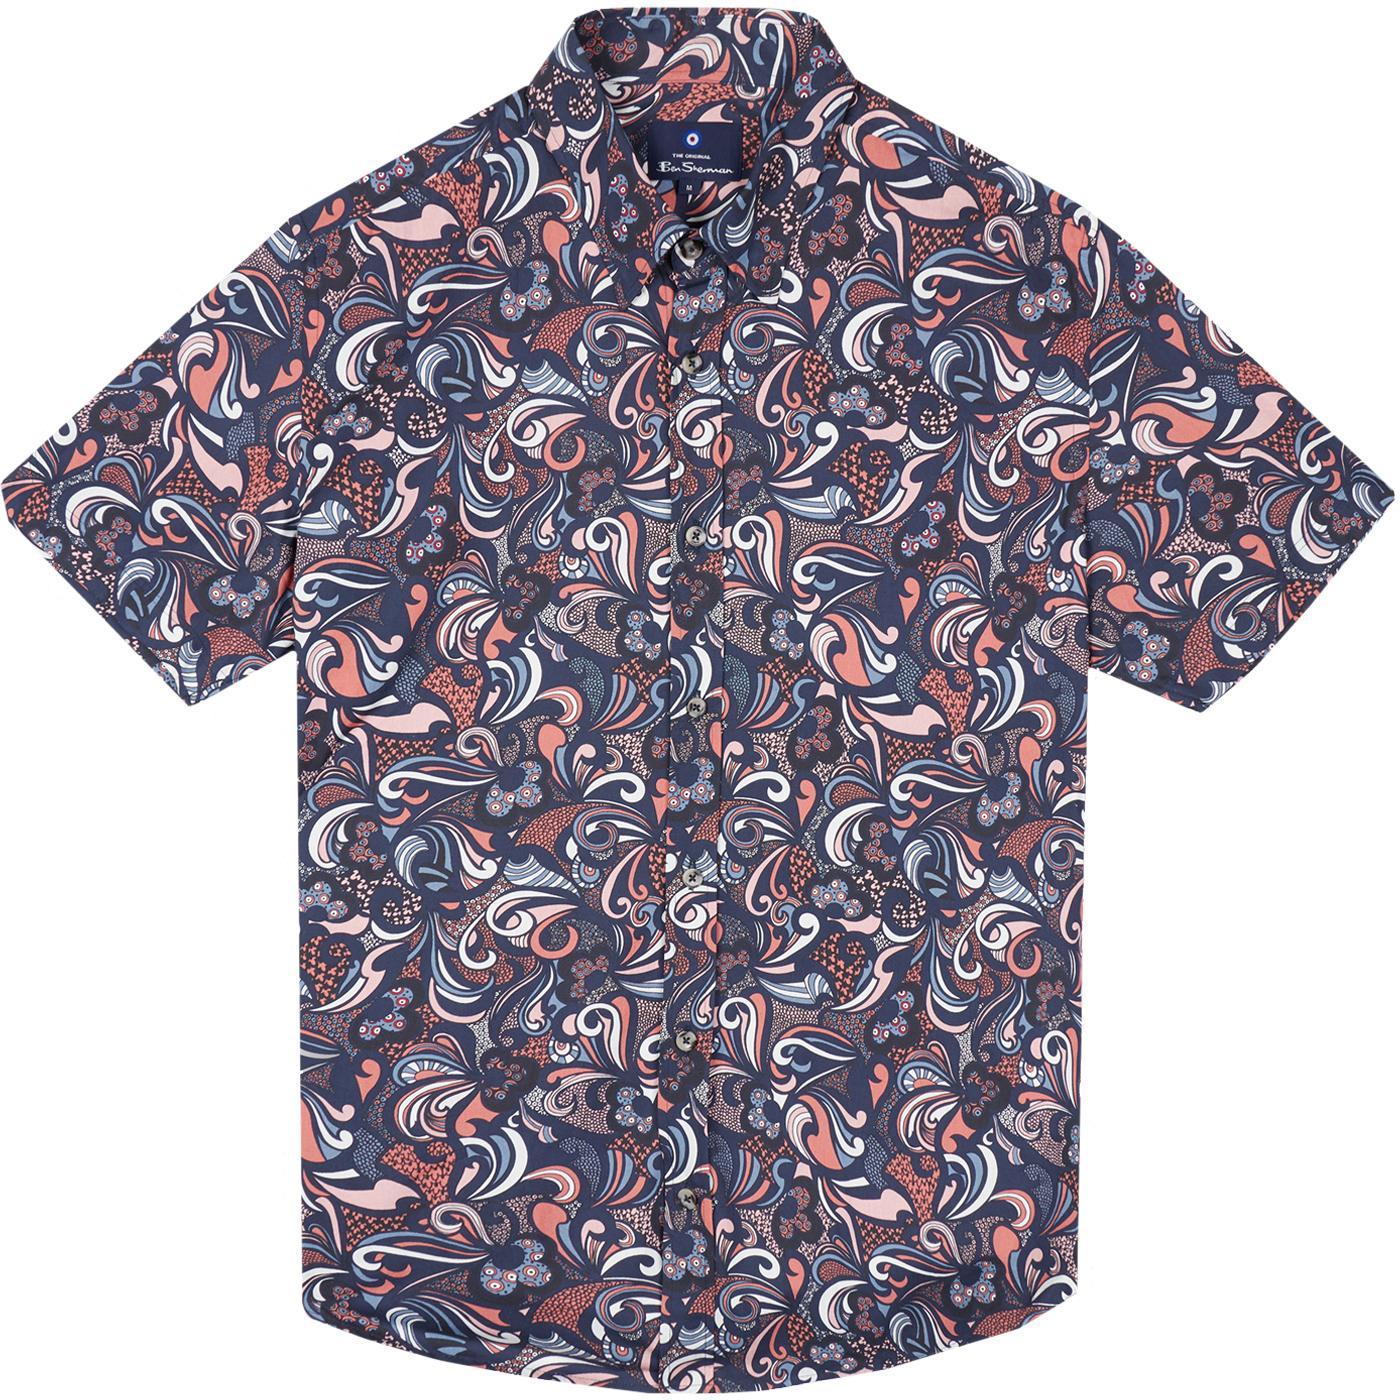 BEN SHERMAN 60s Mod SS Psychedelic Print Shirt